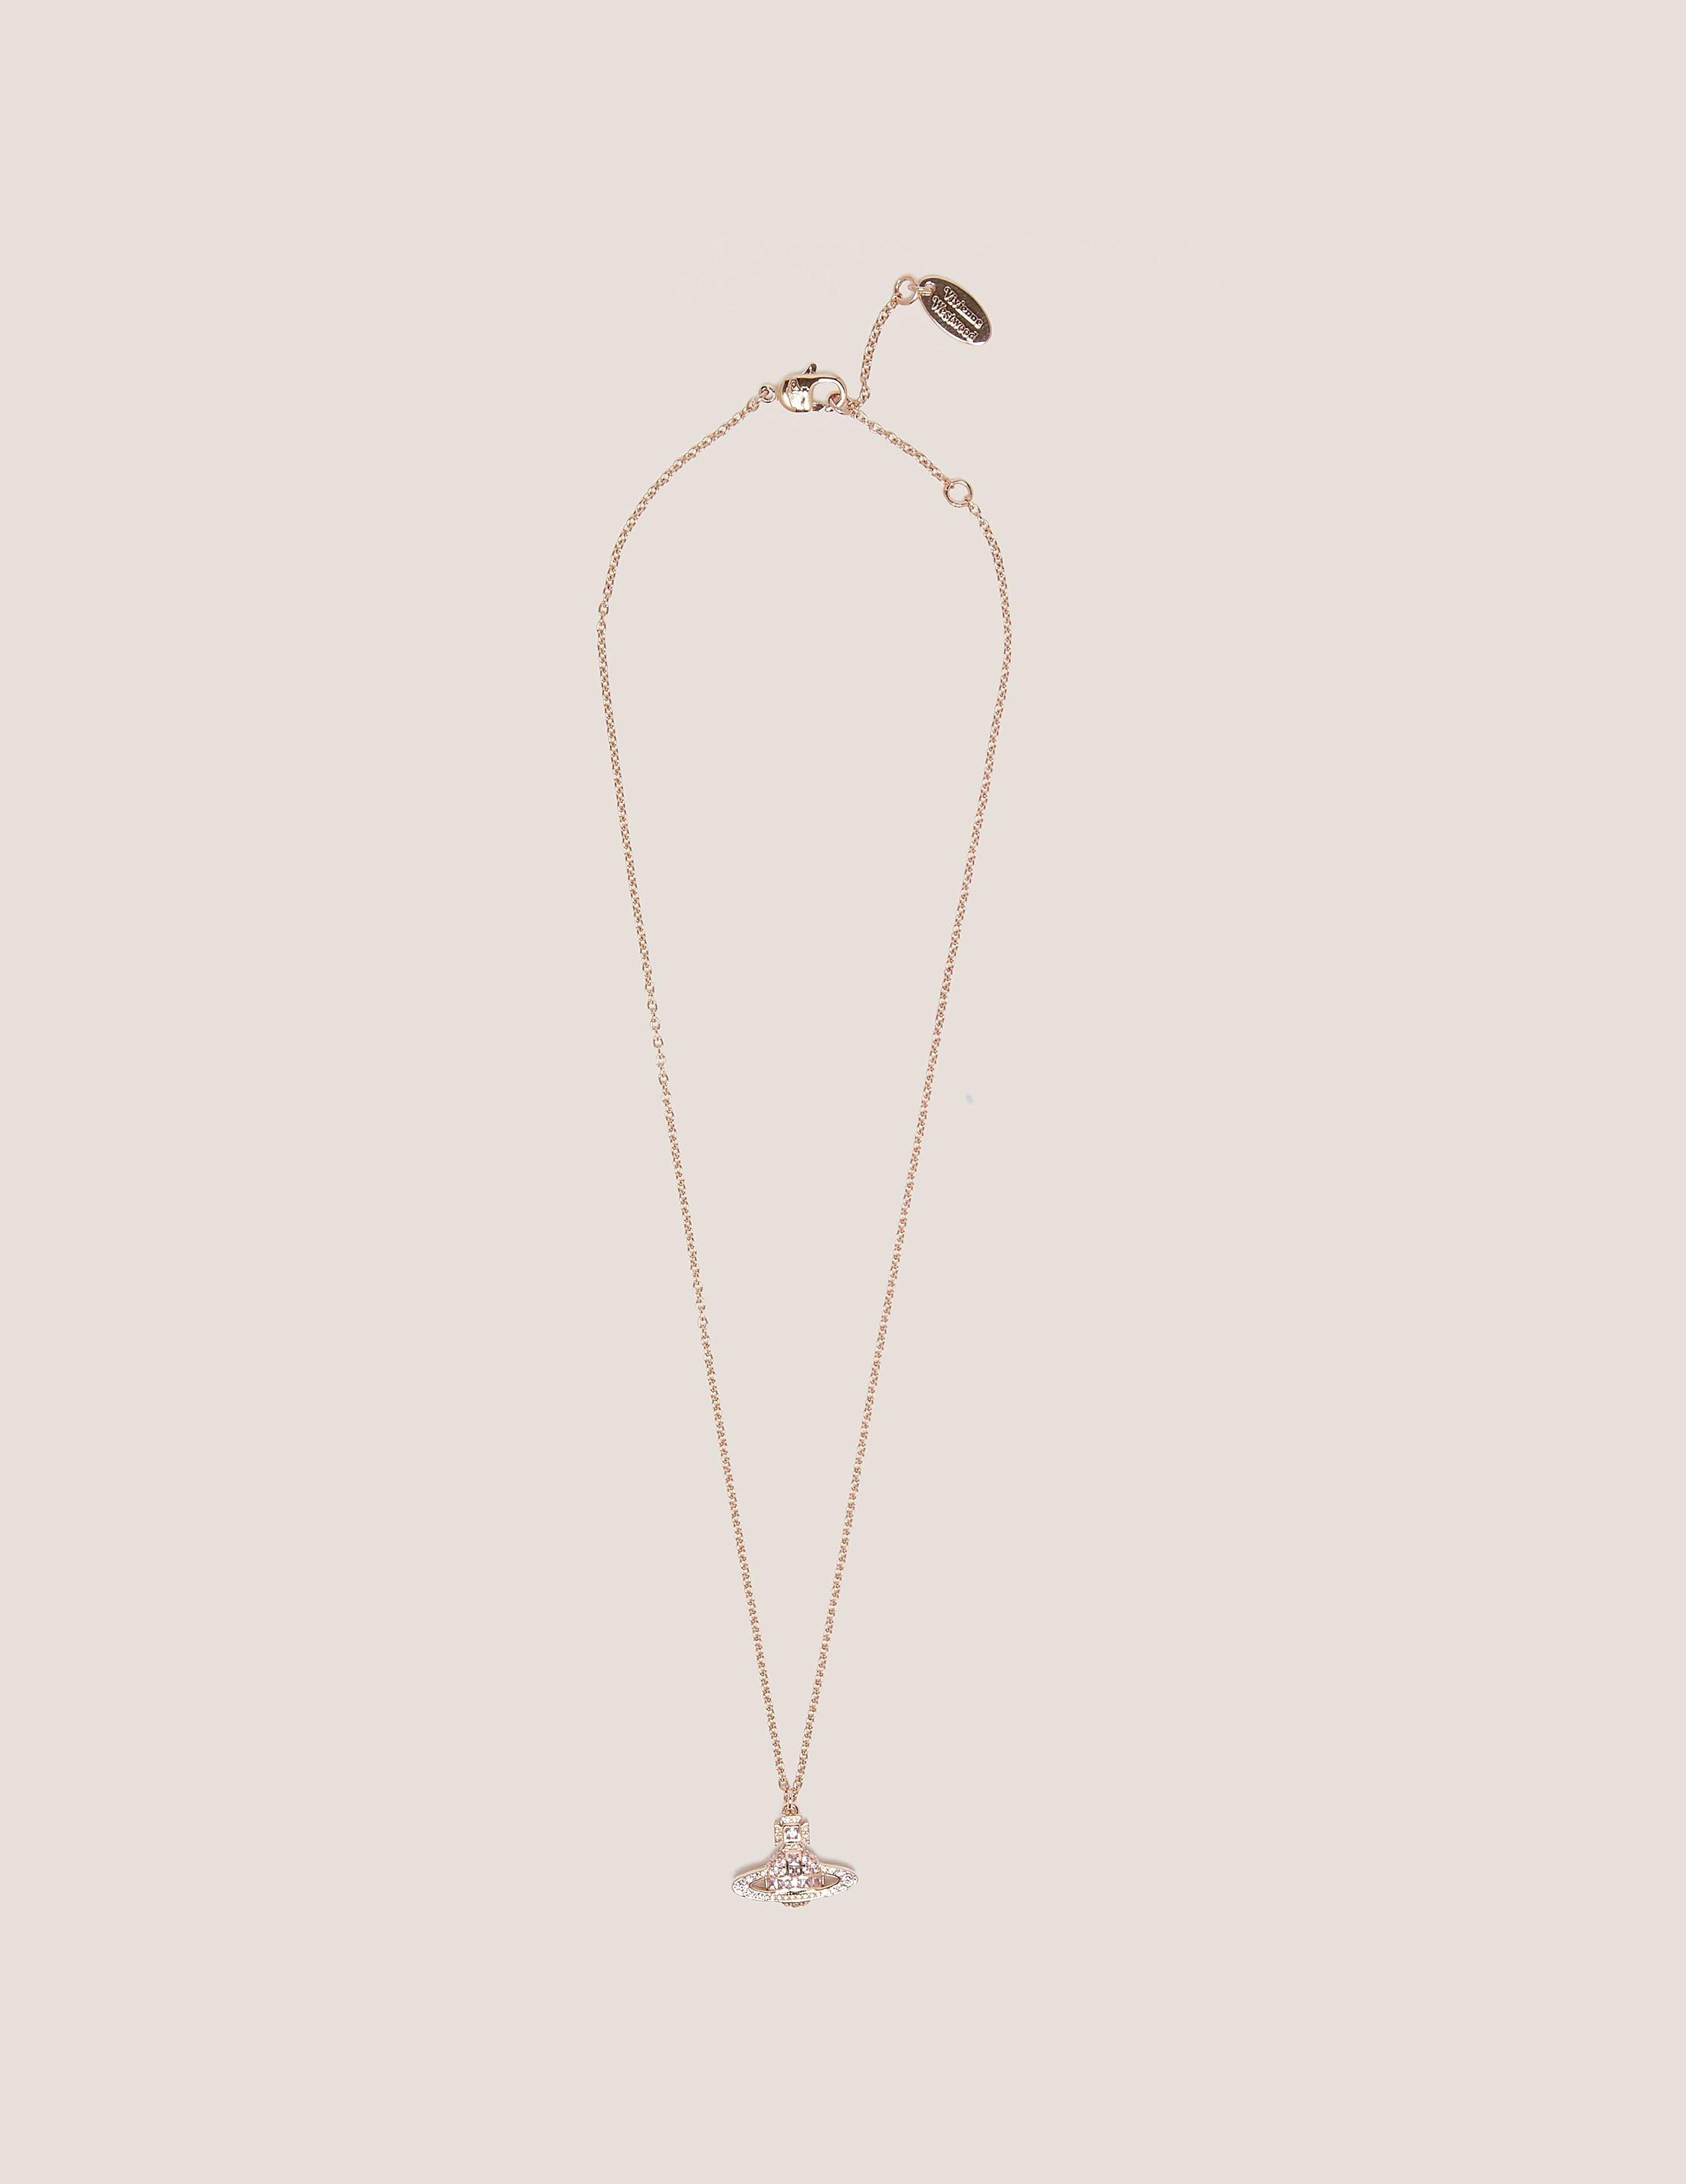 Vivienne Westwood Clotilde Orb Pendant Necklace